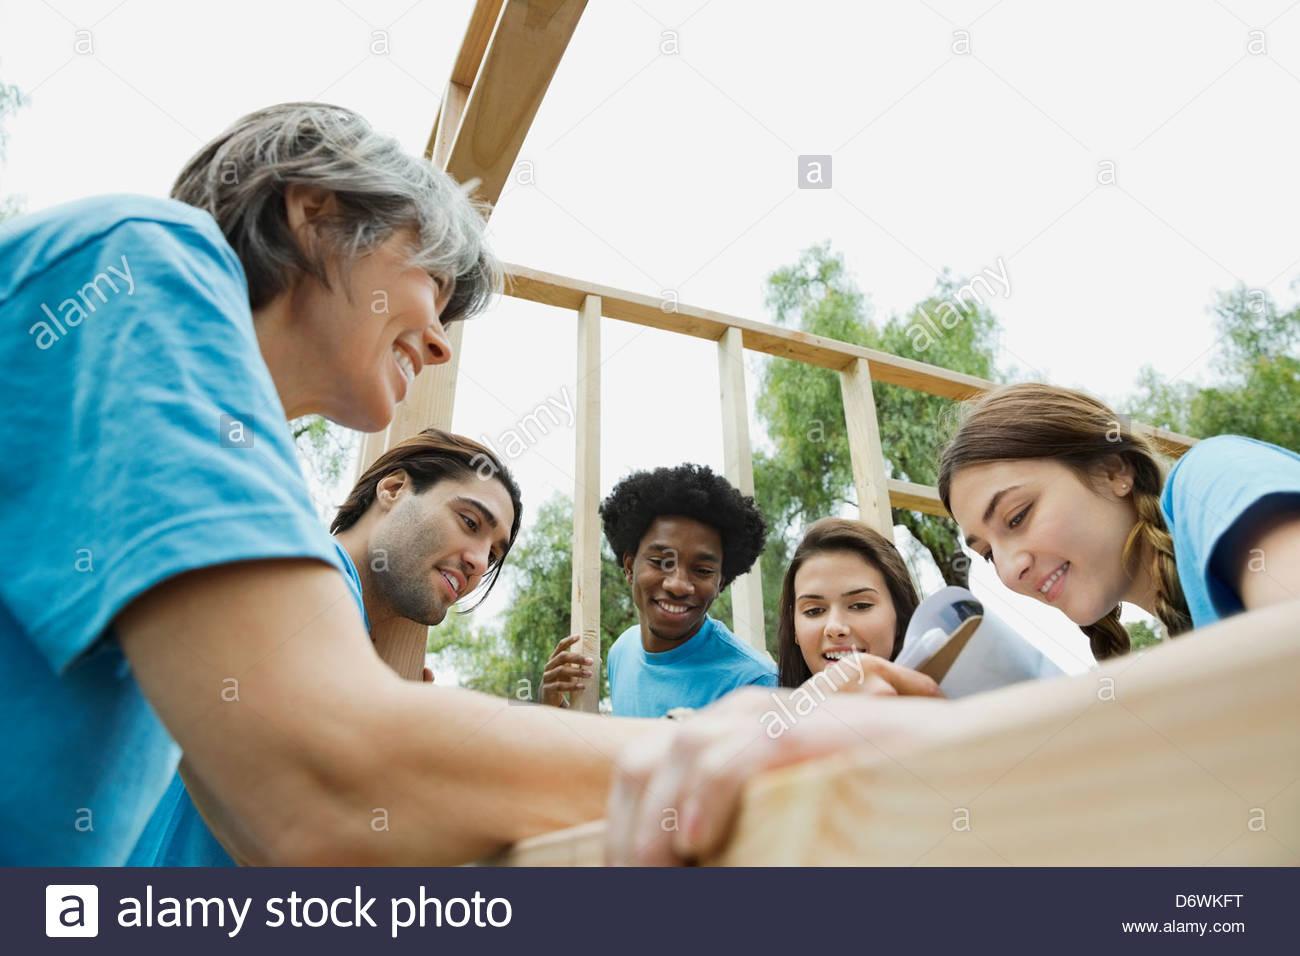 Ángulo de visión baja de voluntarios revisar lista de comprobación mientras decisiones marco de madera Imagen De Stock